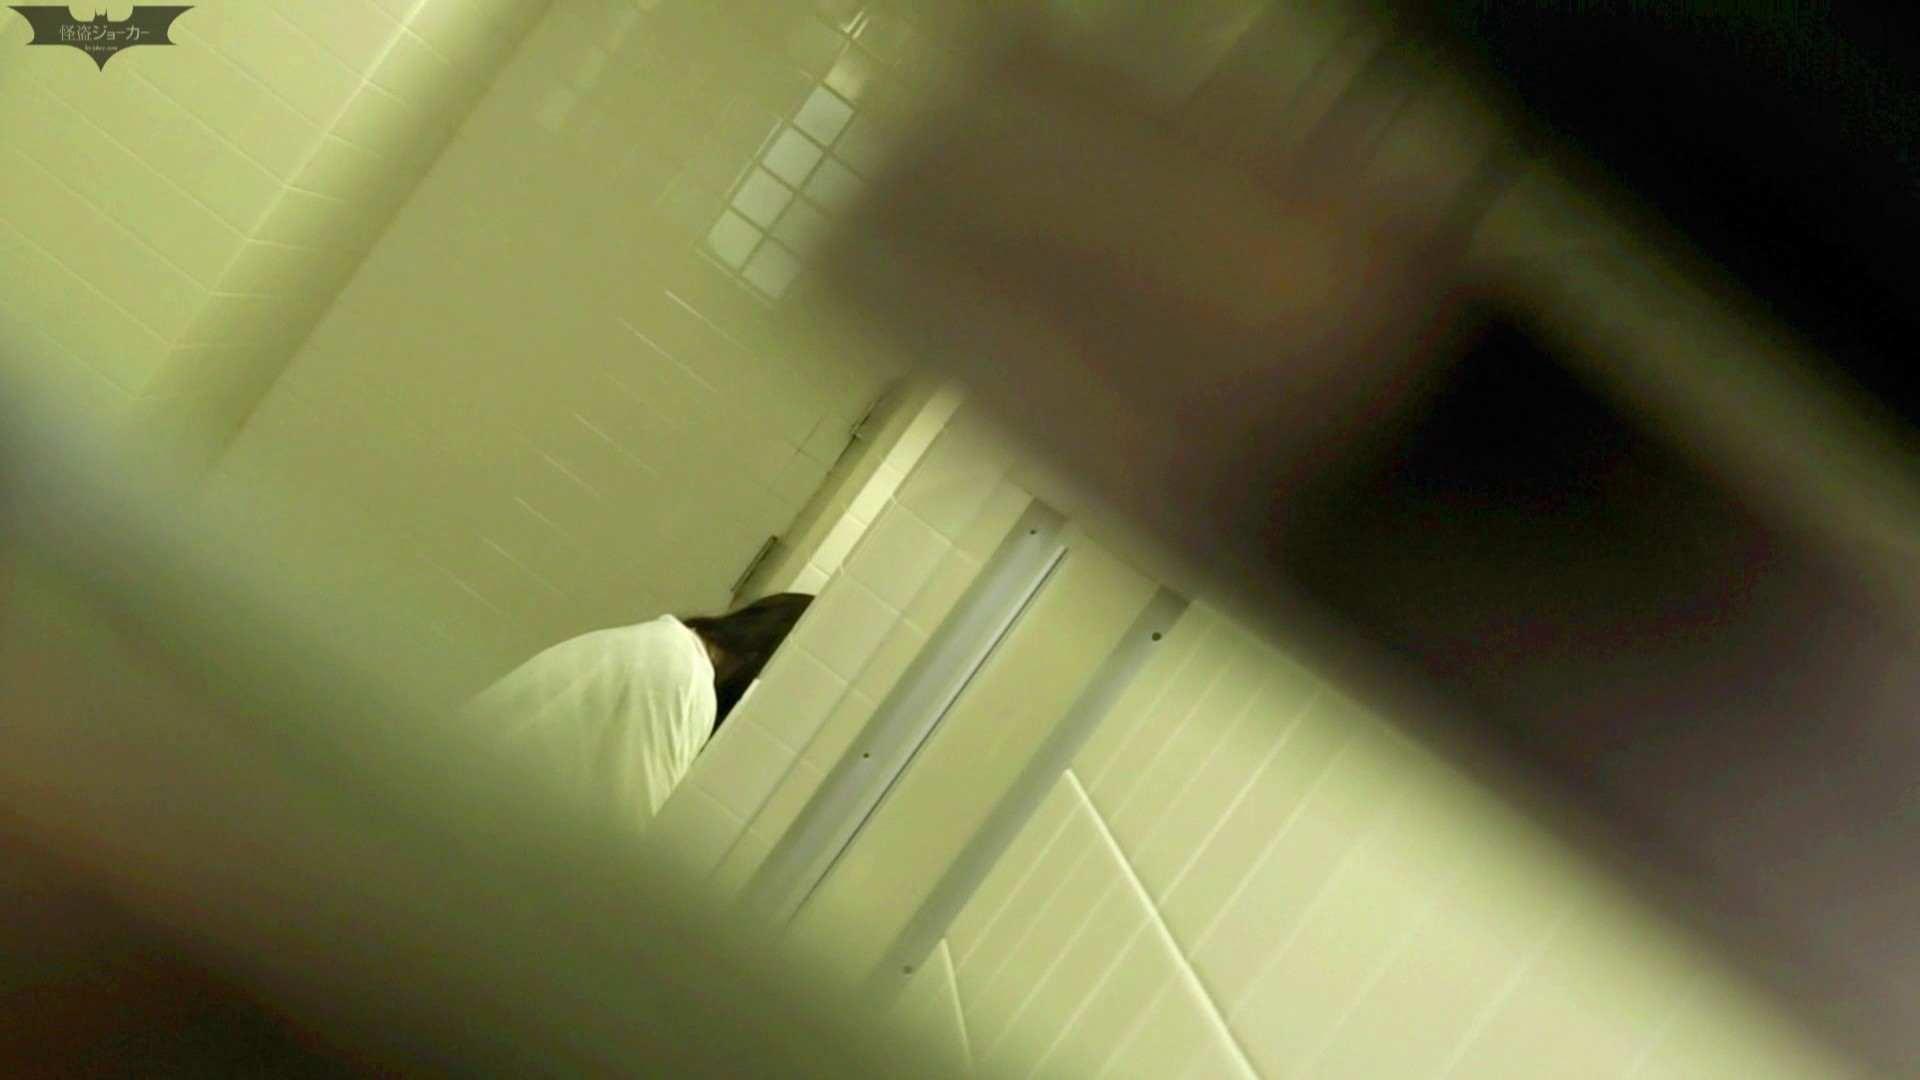 無修正おまんこ動画|お銀 vol.68 無謀に通路に飛び出て一番明るいフロント撮り実現、見所満載|怪盗ジョーカー